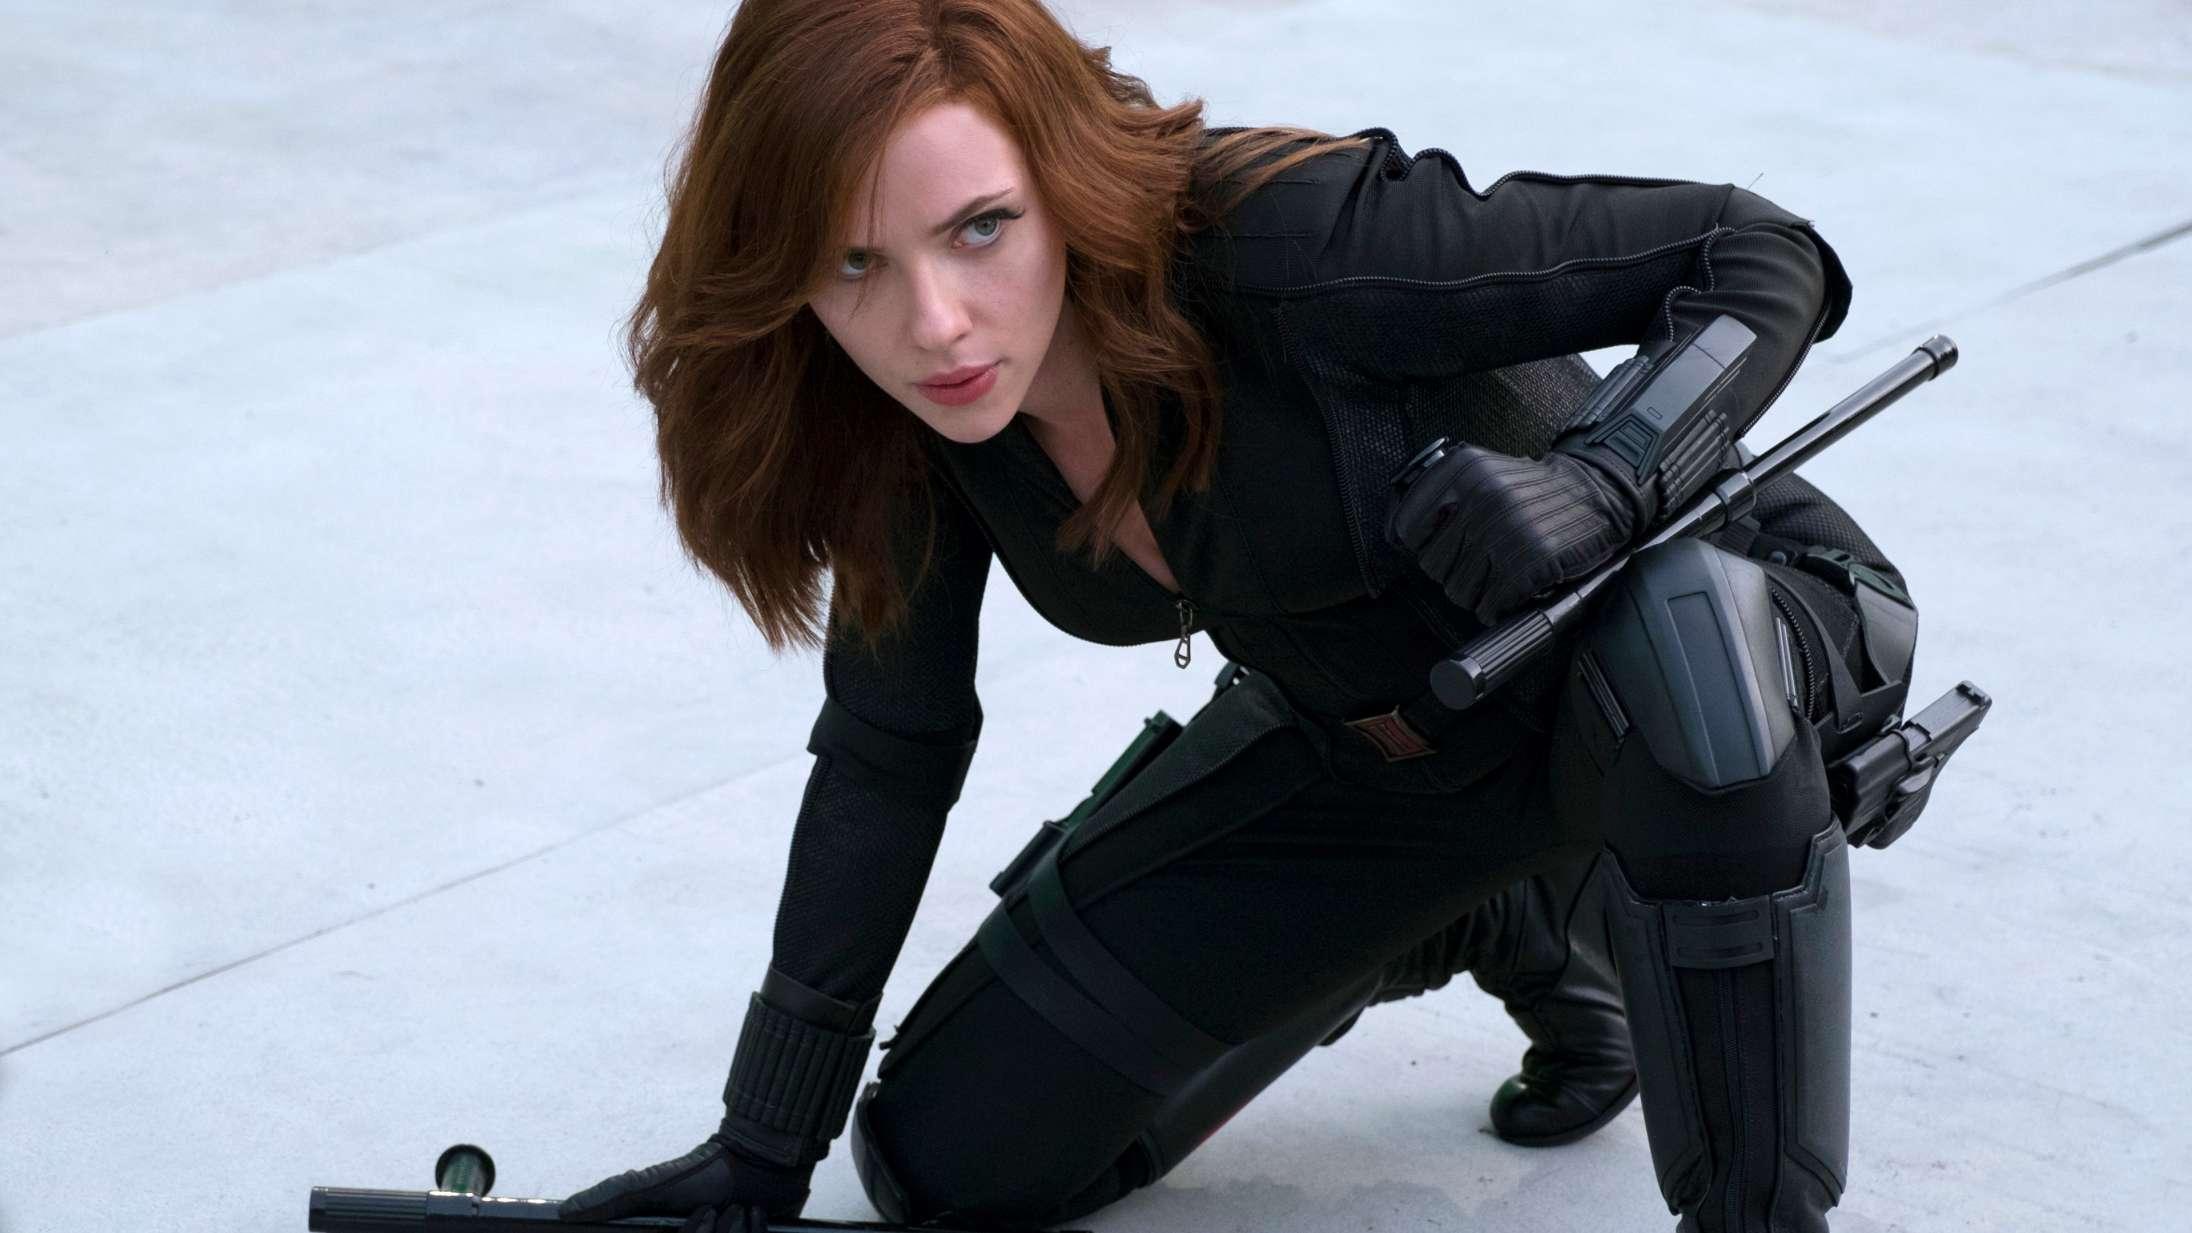 Landets største biografkæder regner ikke med at vise 'Black Widow'